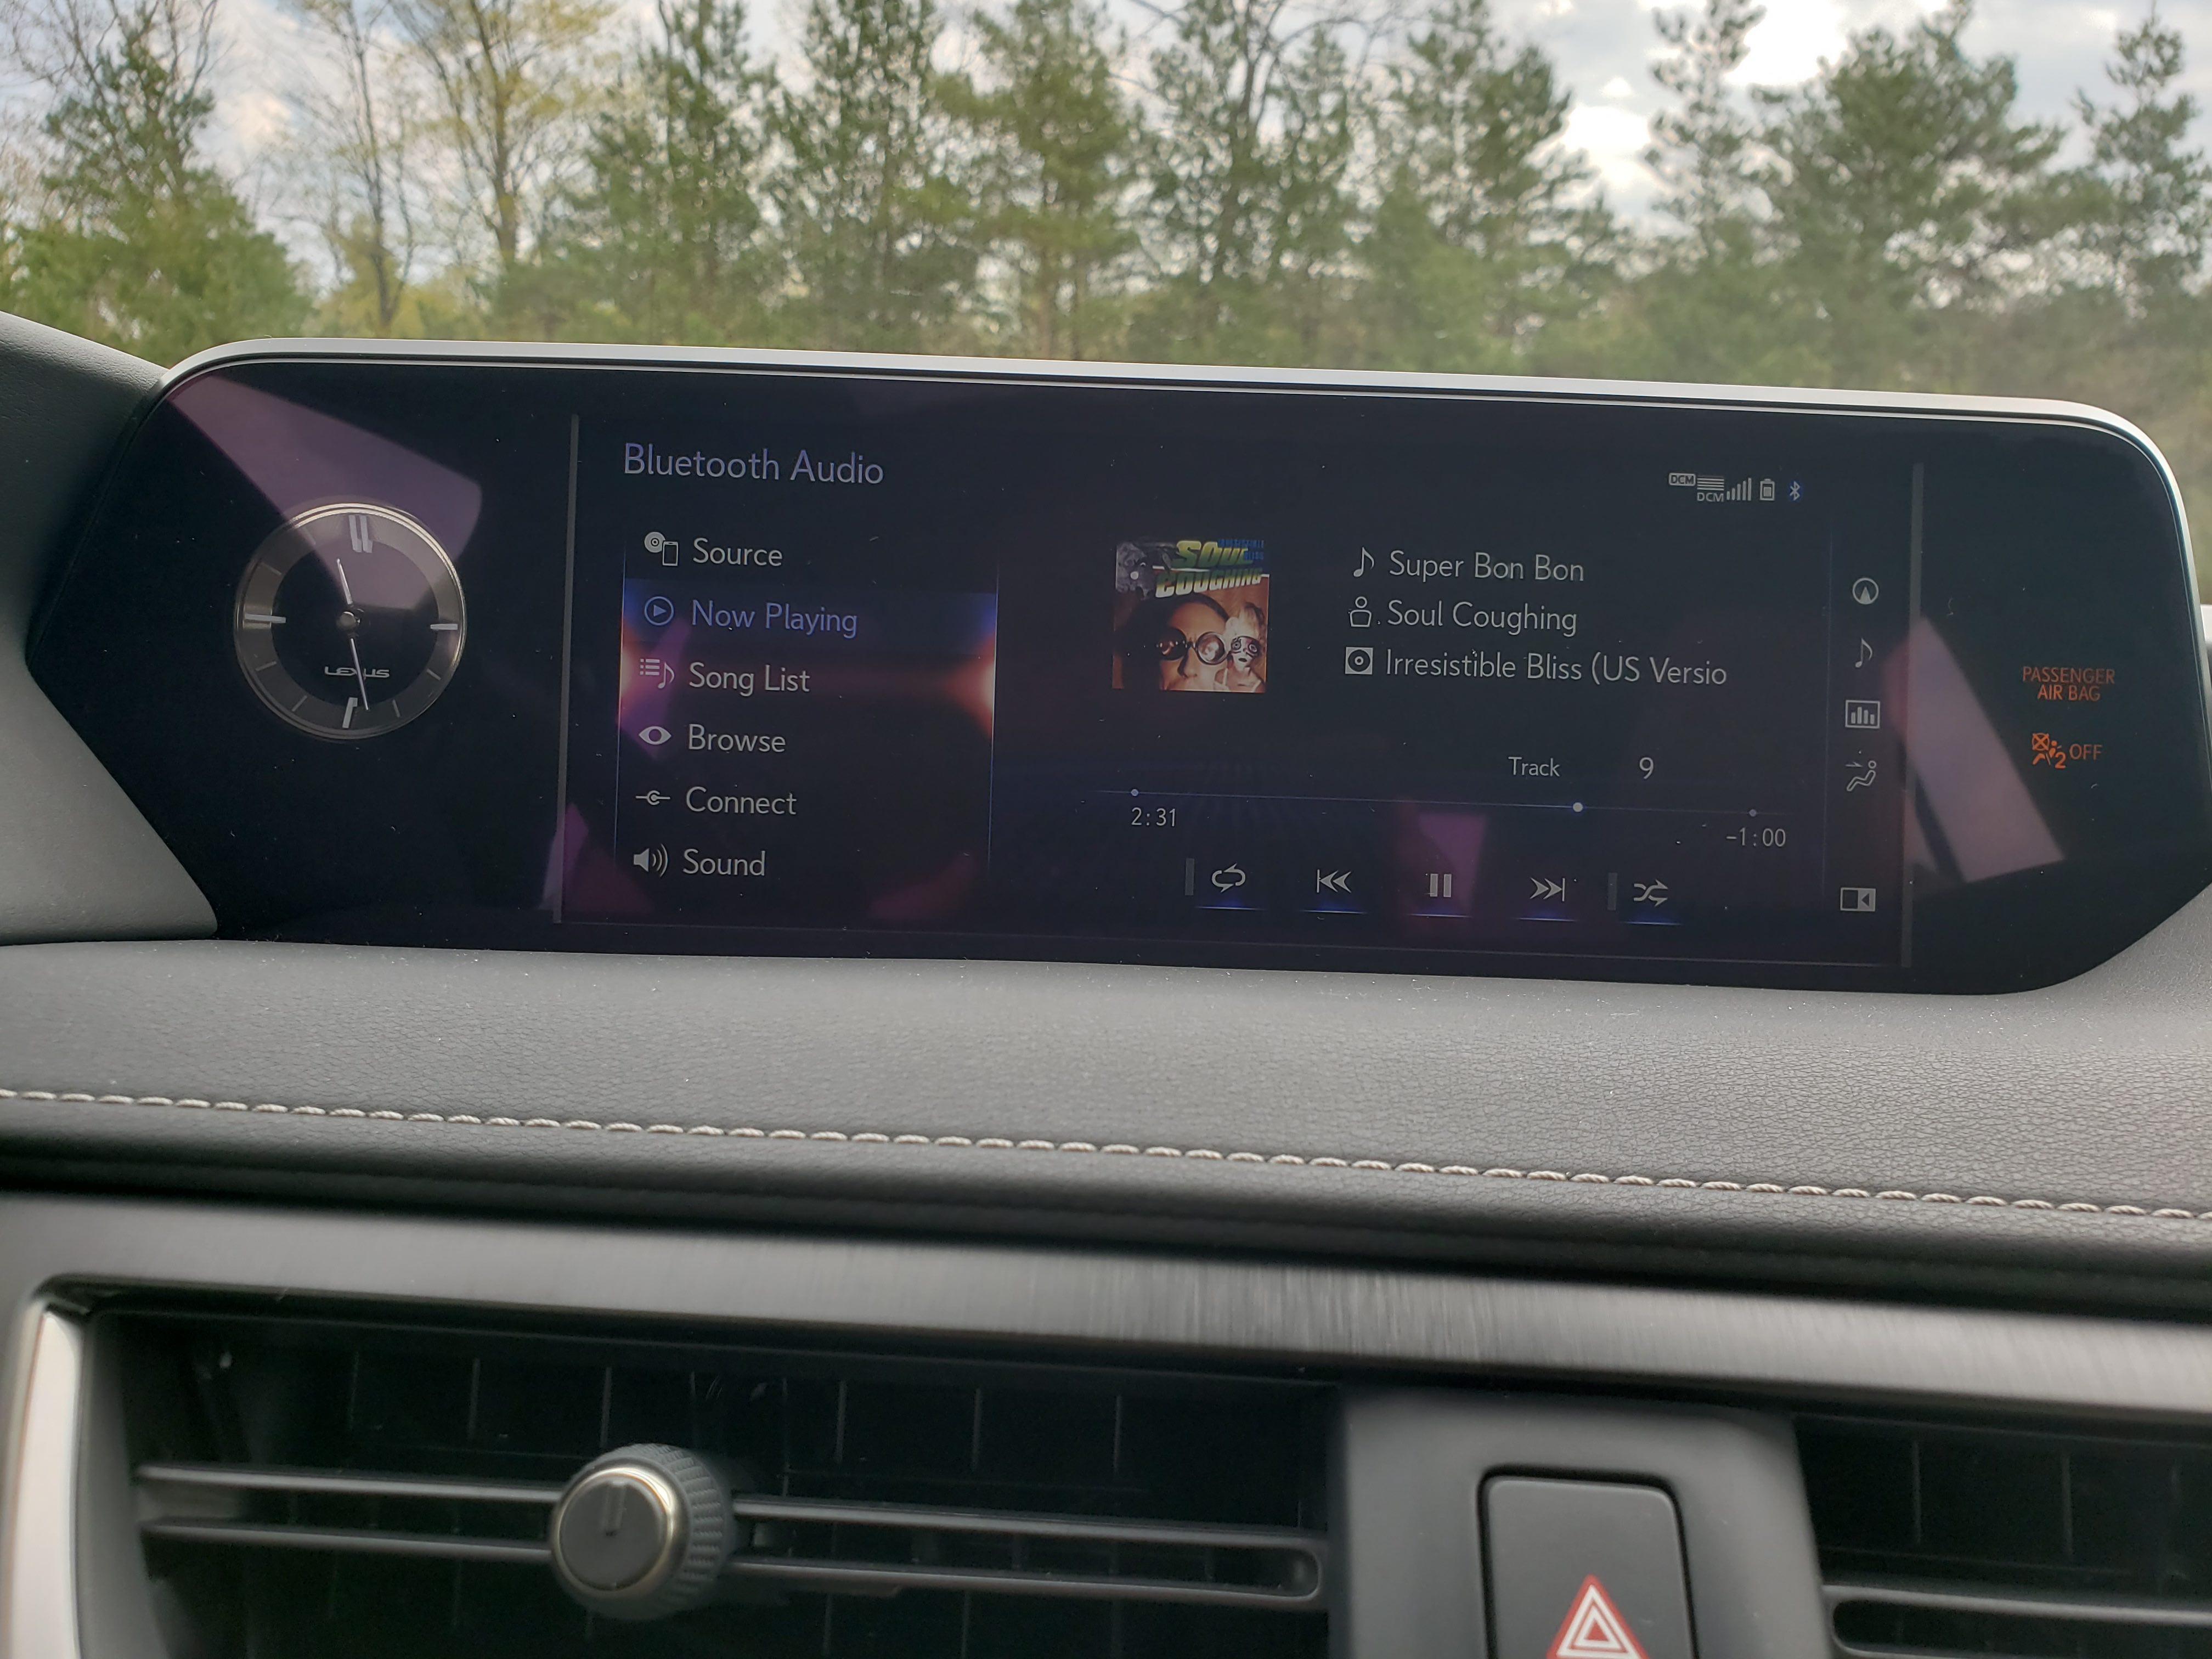 2019 Lexus UX 250h interior